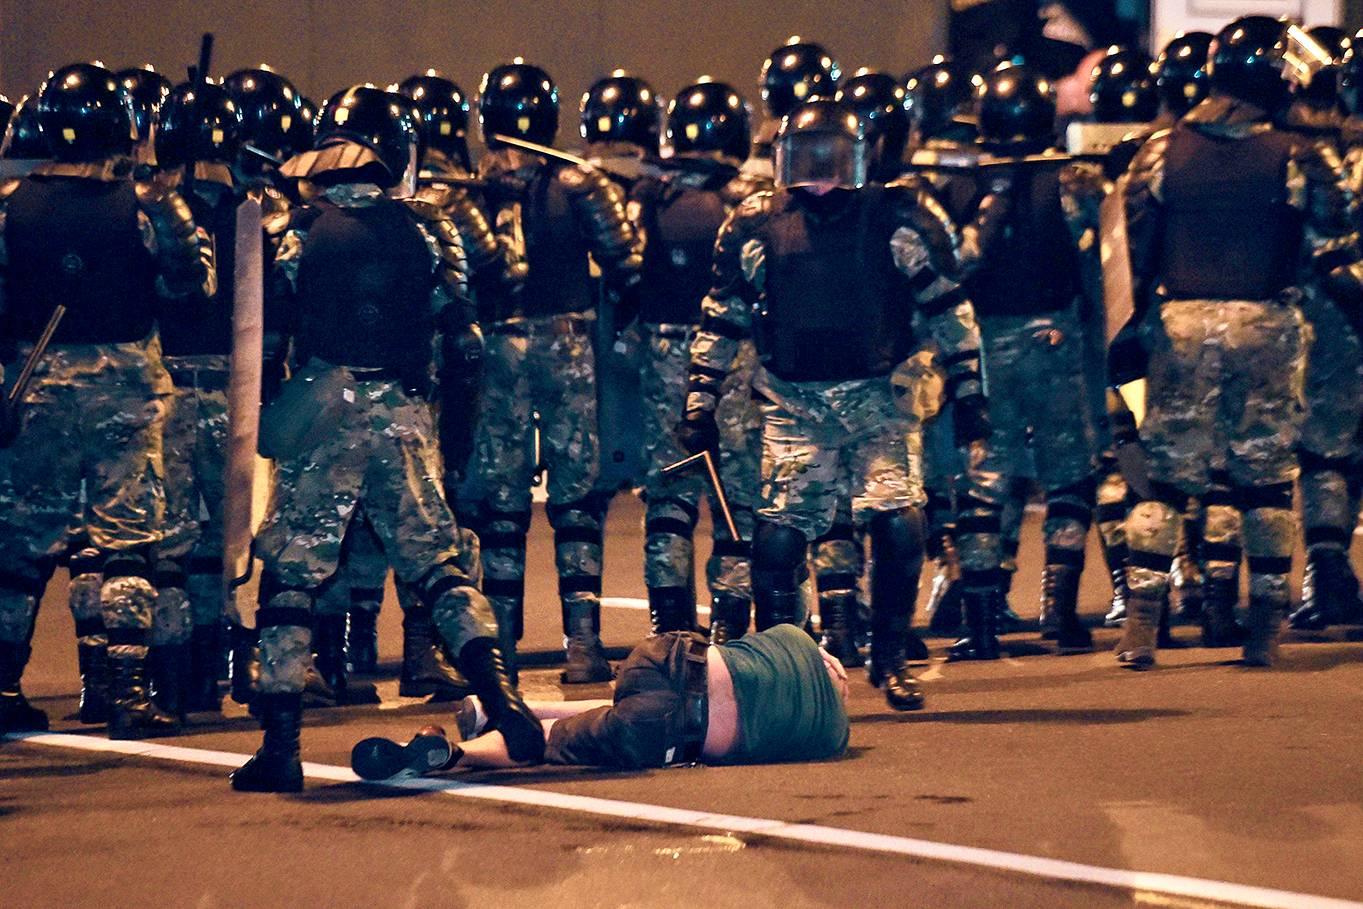 Mellakkapoliisit taltuttivat mielenosoittajia Minskissä vaalihuoneistojen sulkeuduttua 9. elokuuta.